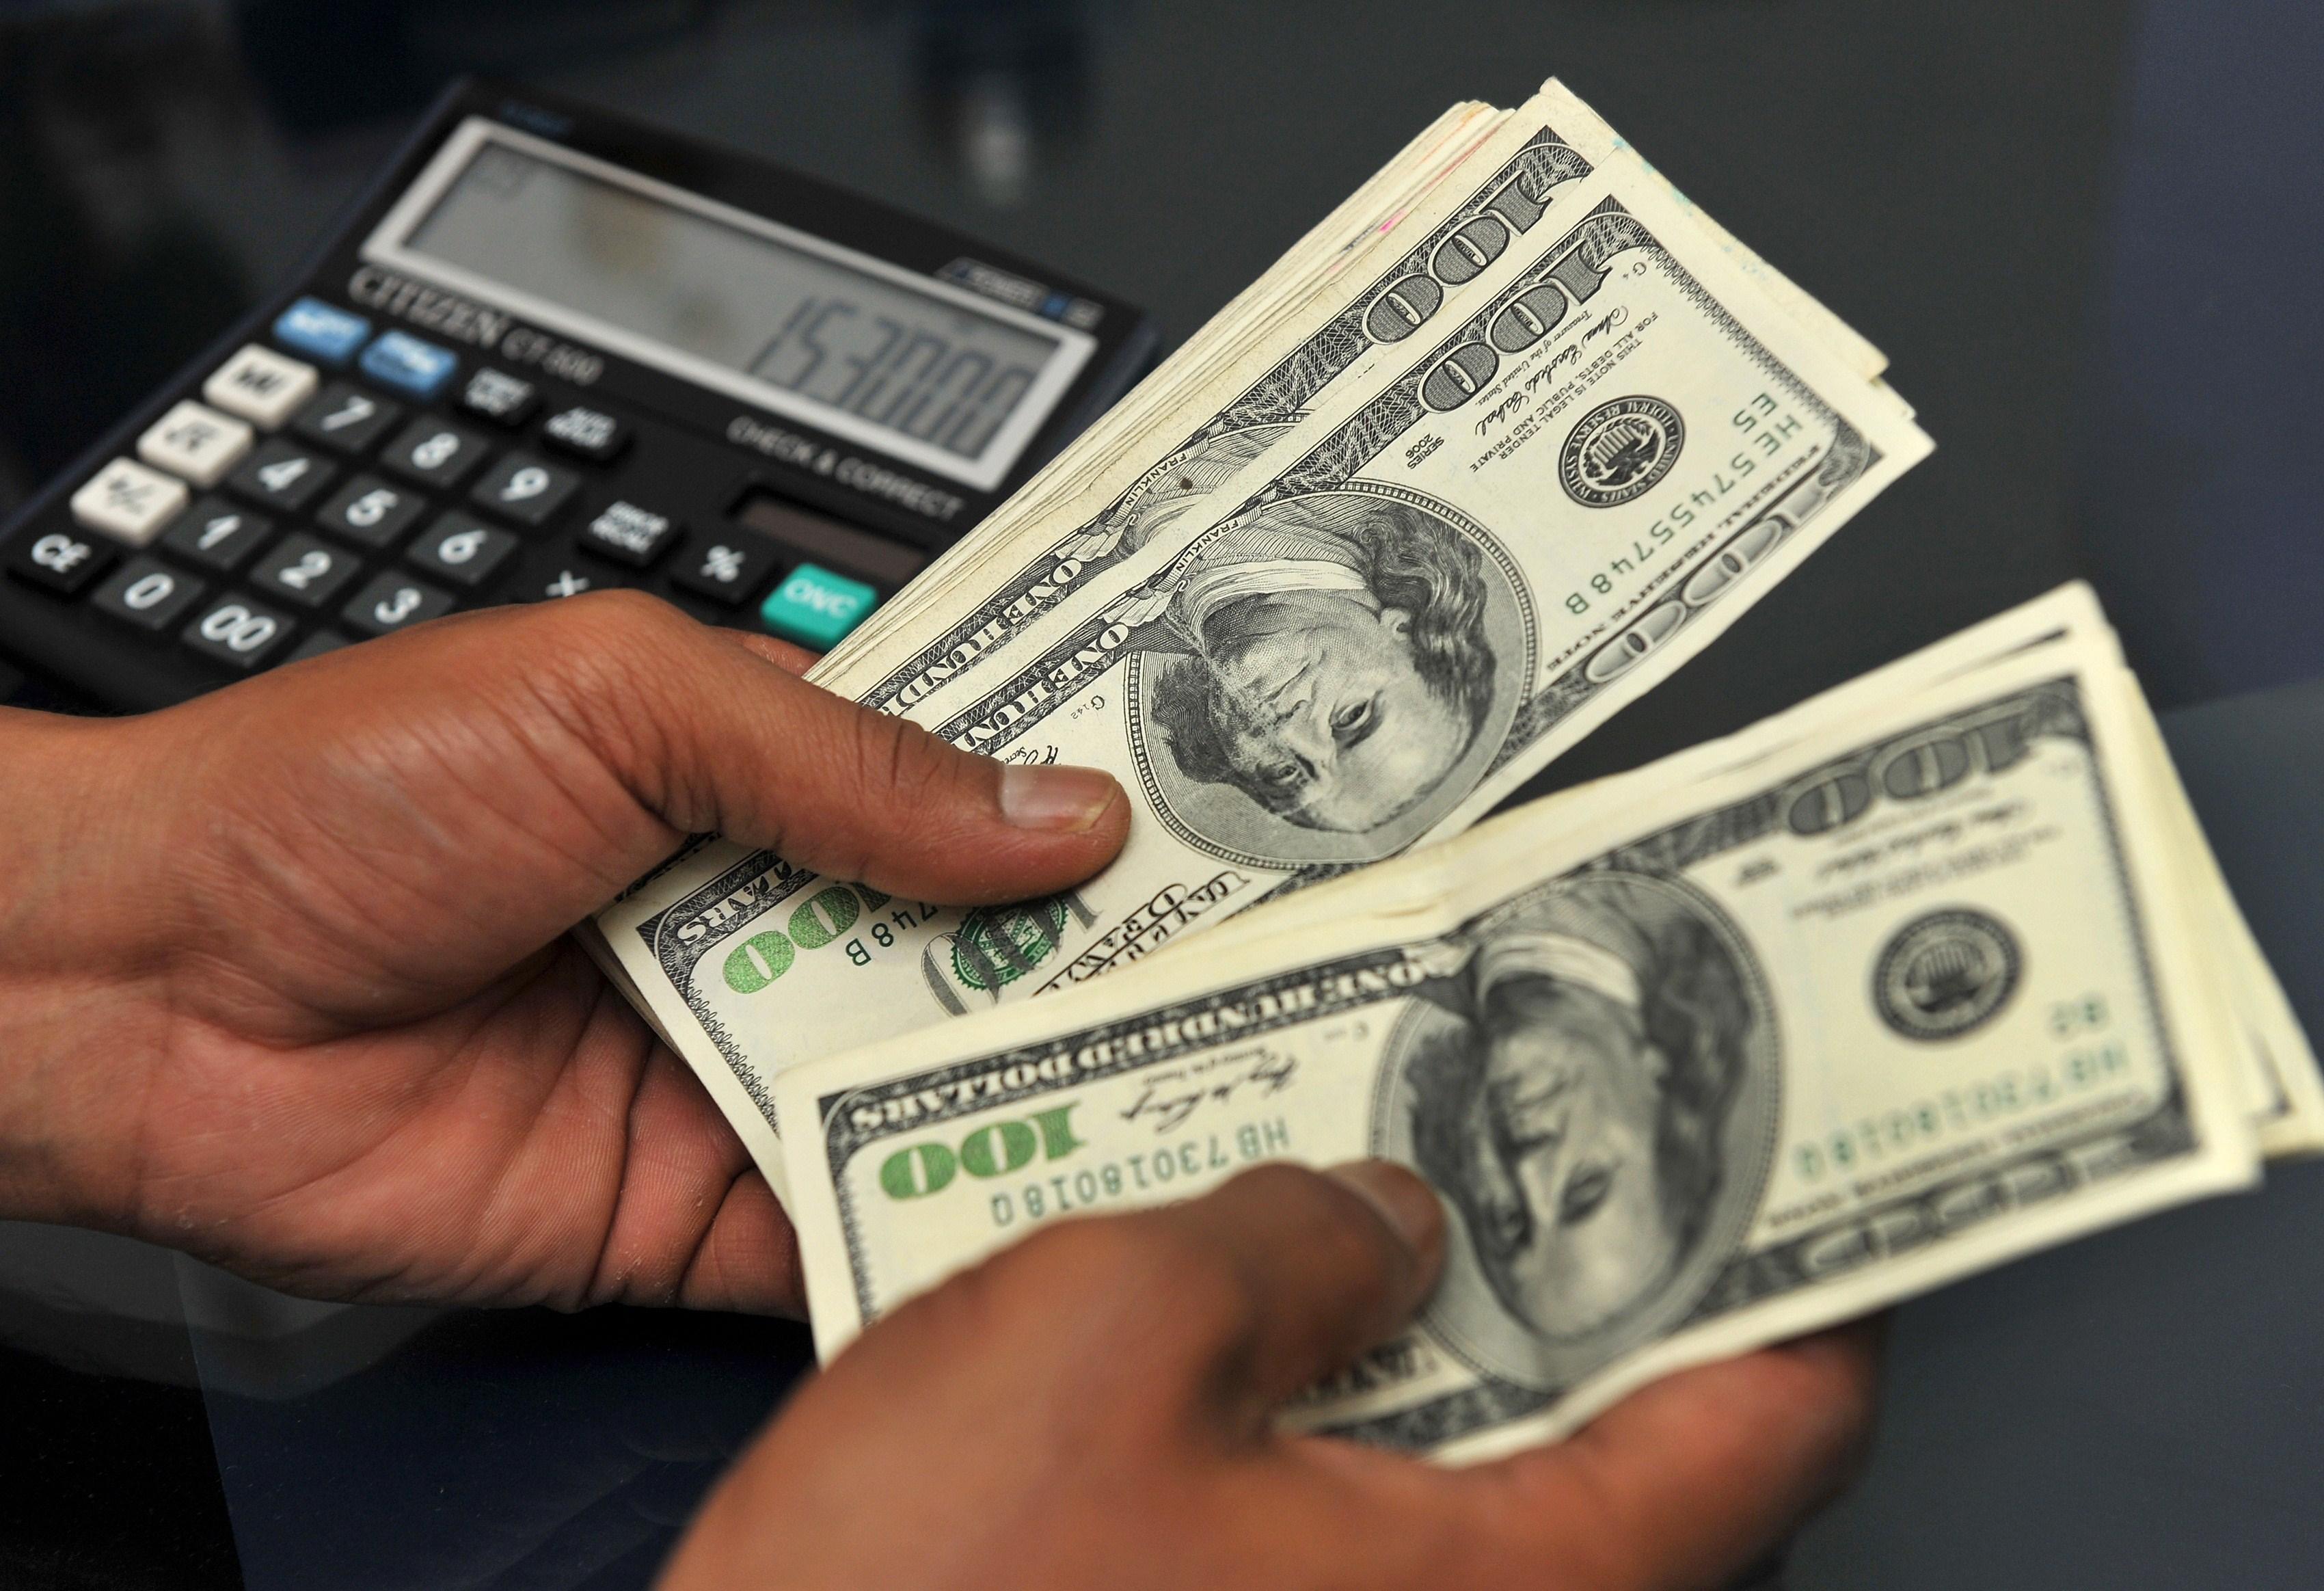 أسعار العملات اليوم الأحد 5-8-2018 الدولار يستقر واليورو يتراجع أمام الجنيه 1565953-%D8%A7%D9%84%D8%AF%D9%88%D9%84%D8%A7%D8%B1